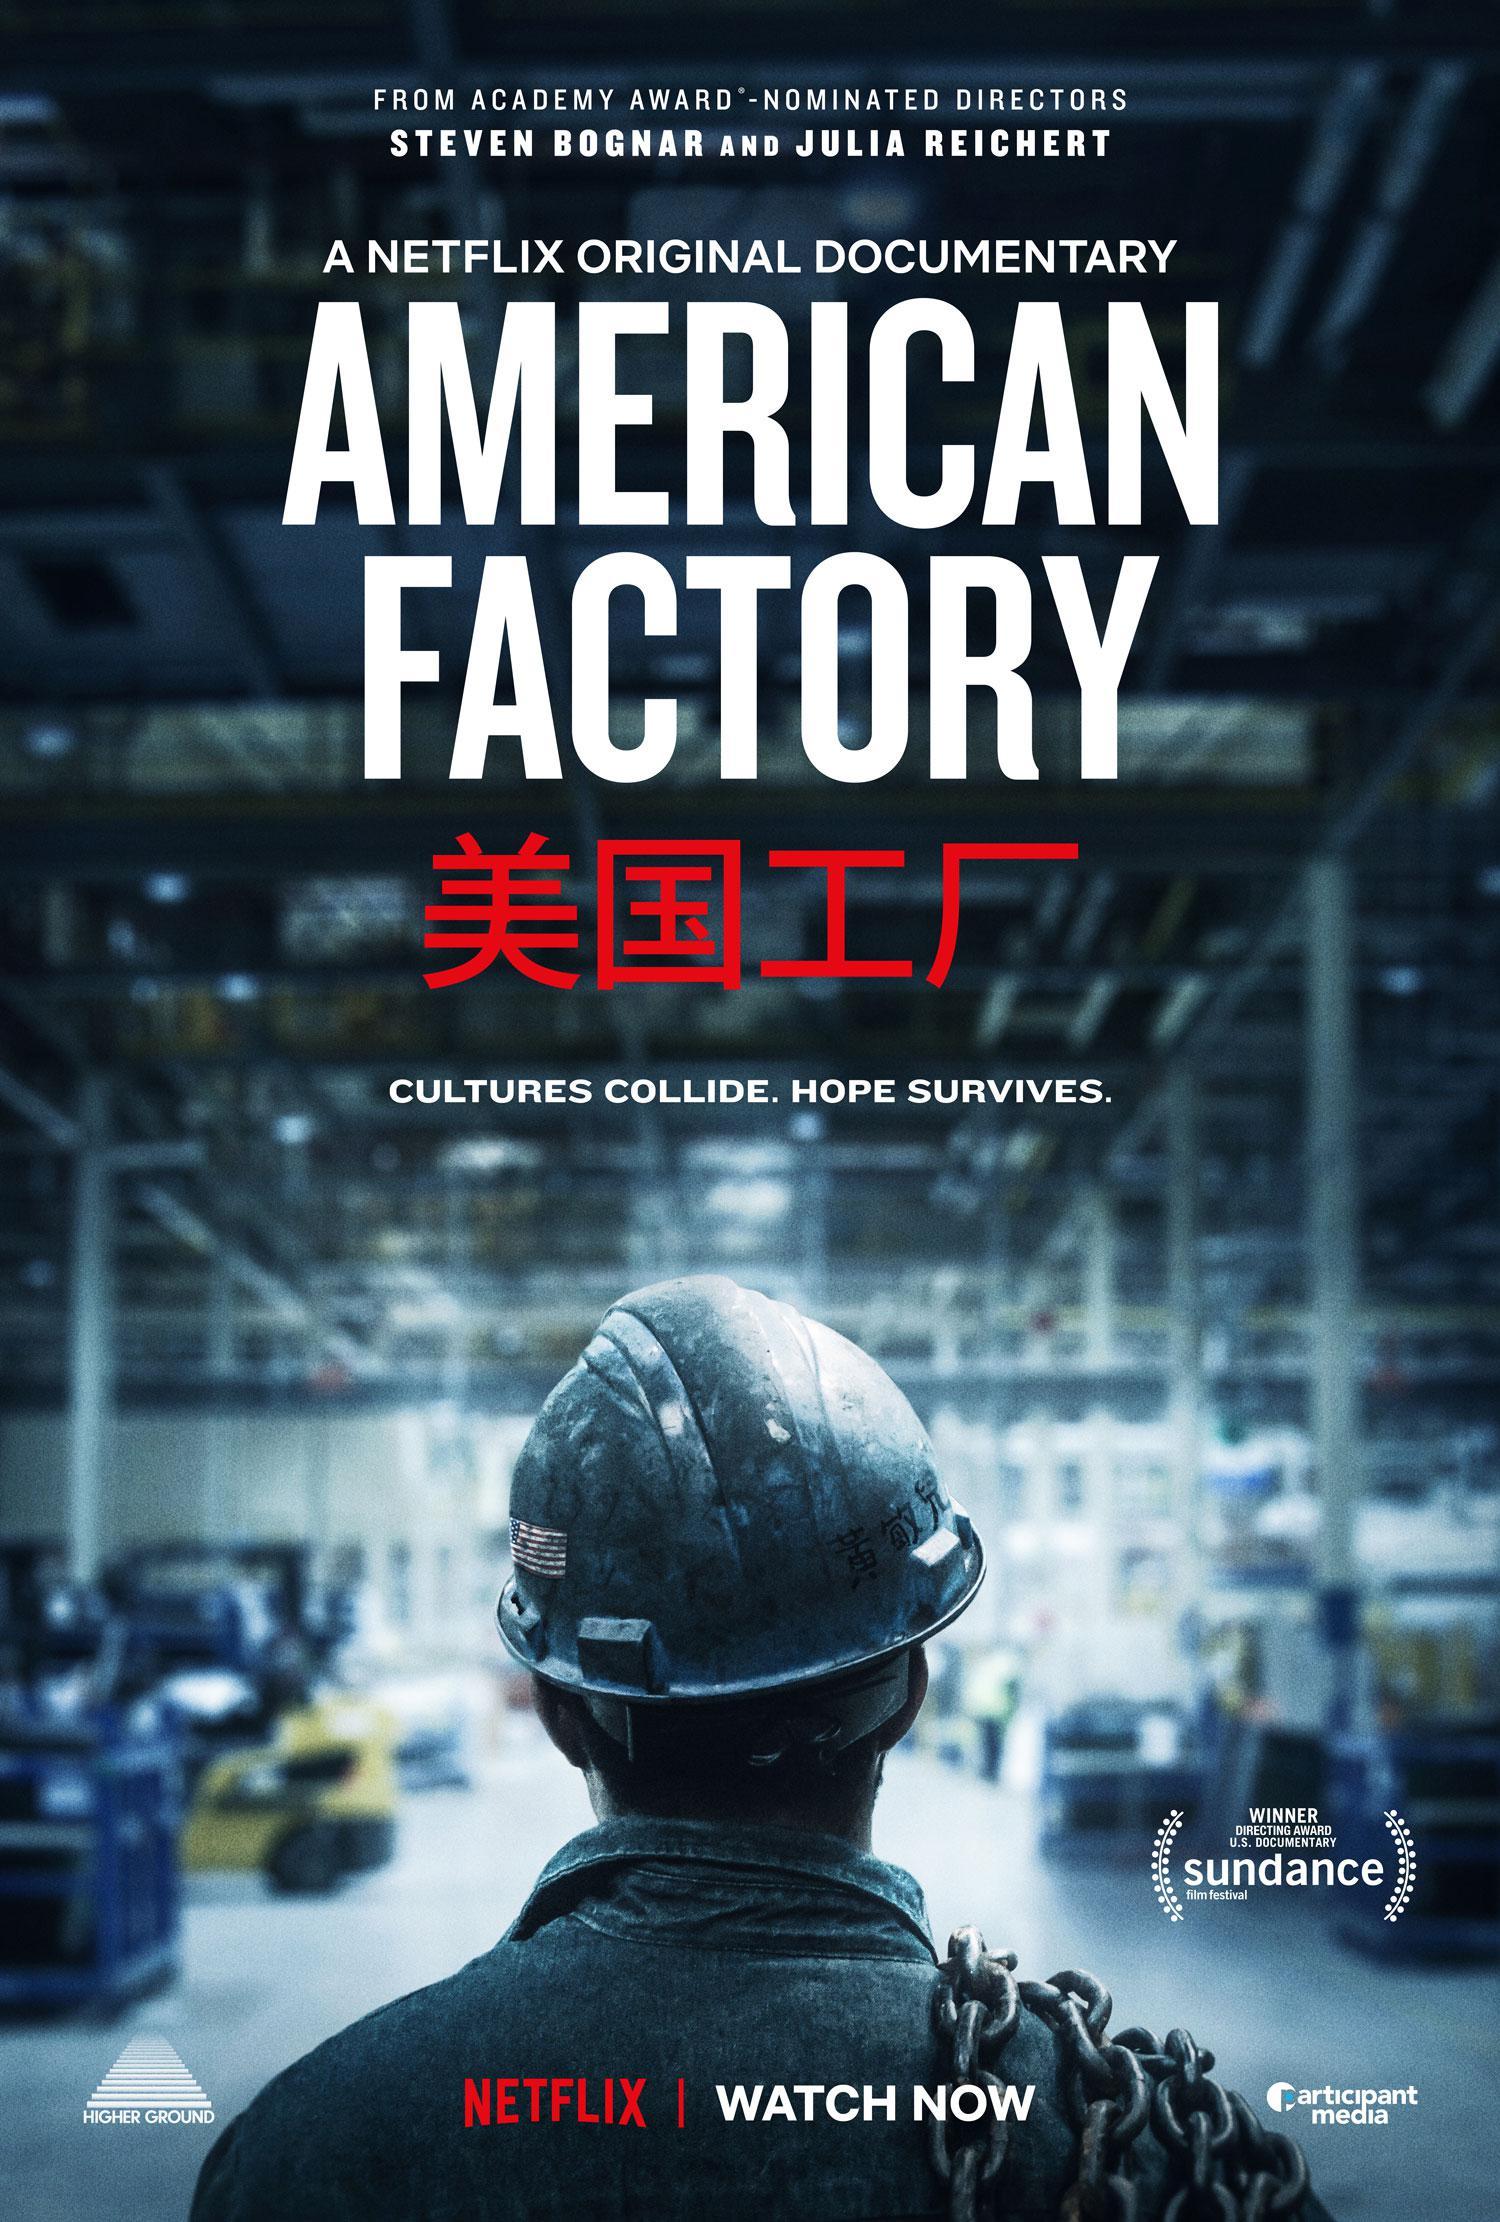 美国商业杂志《Inc》精选2019年10大商业电影,《极速车王》、《美国工厂》上榜插图1